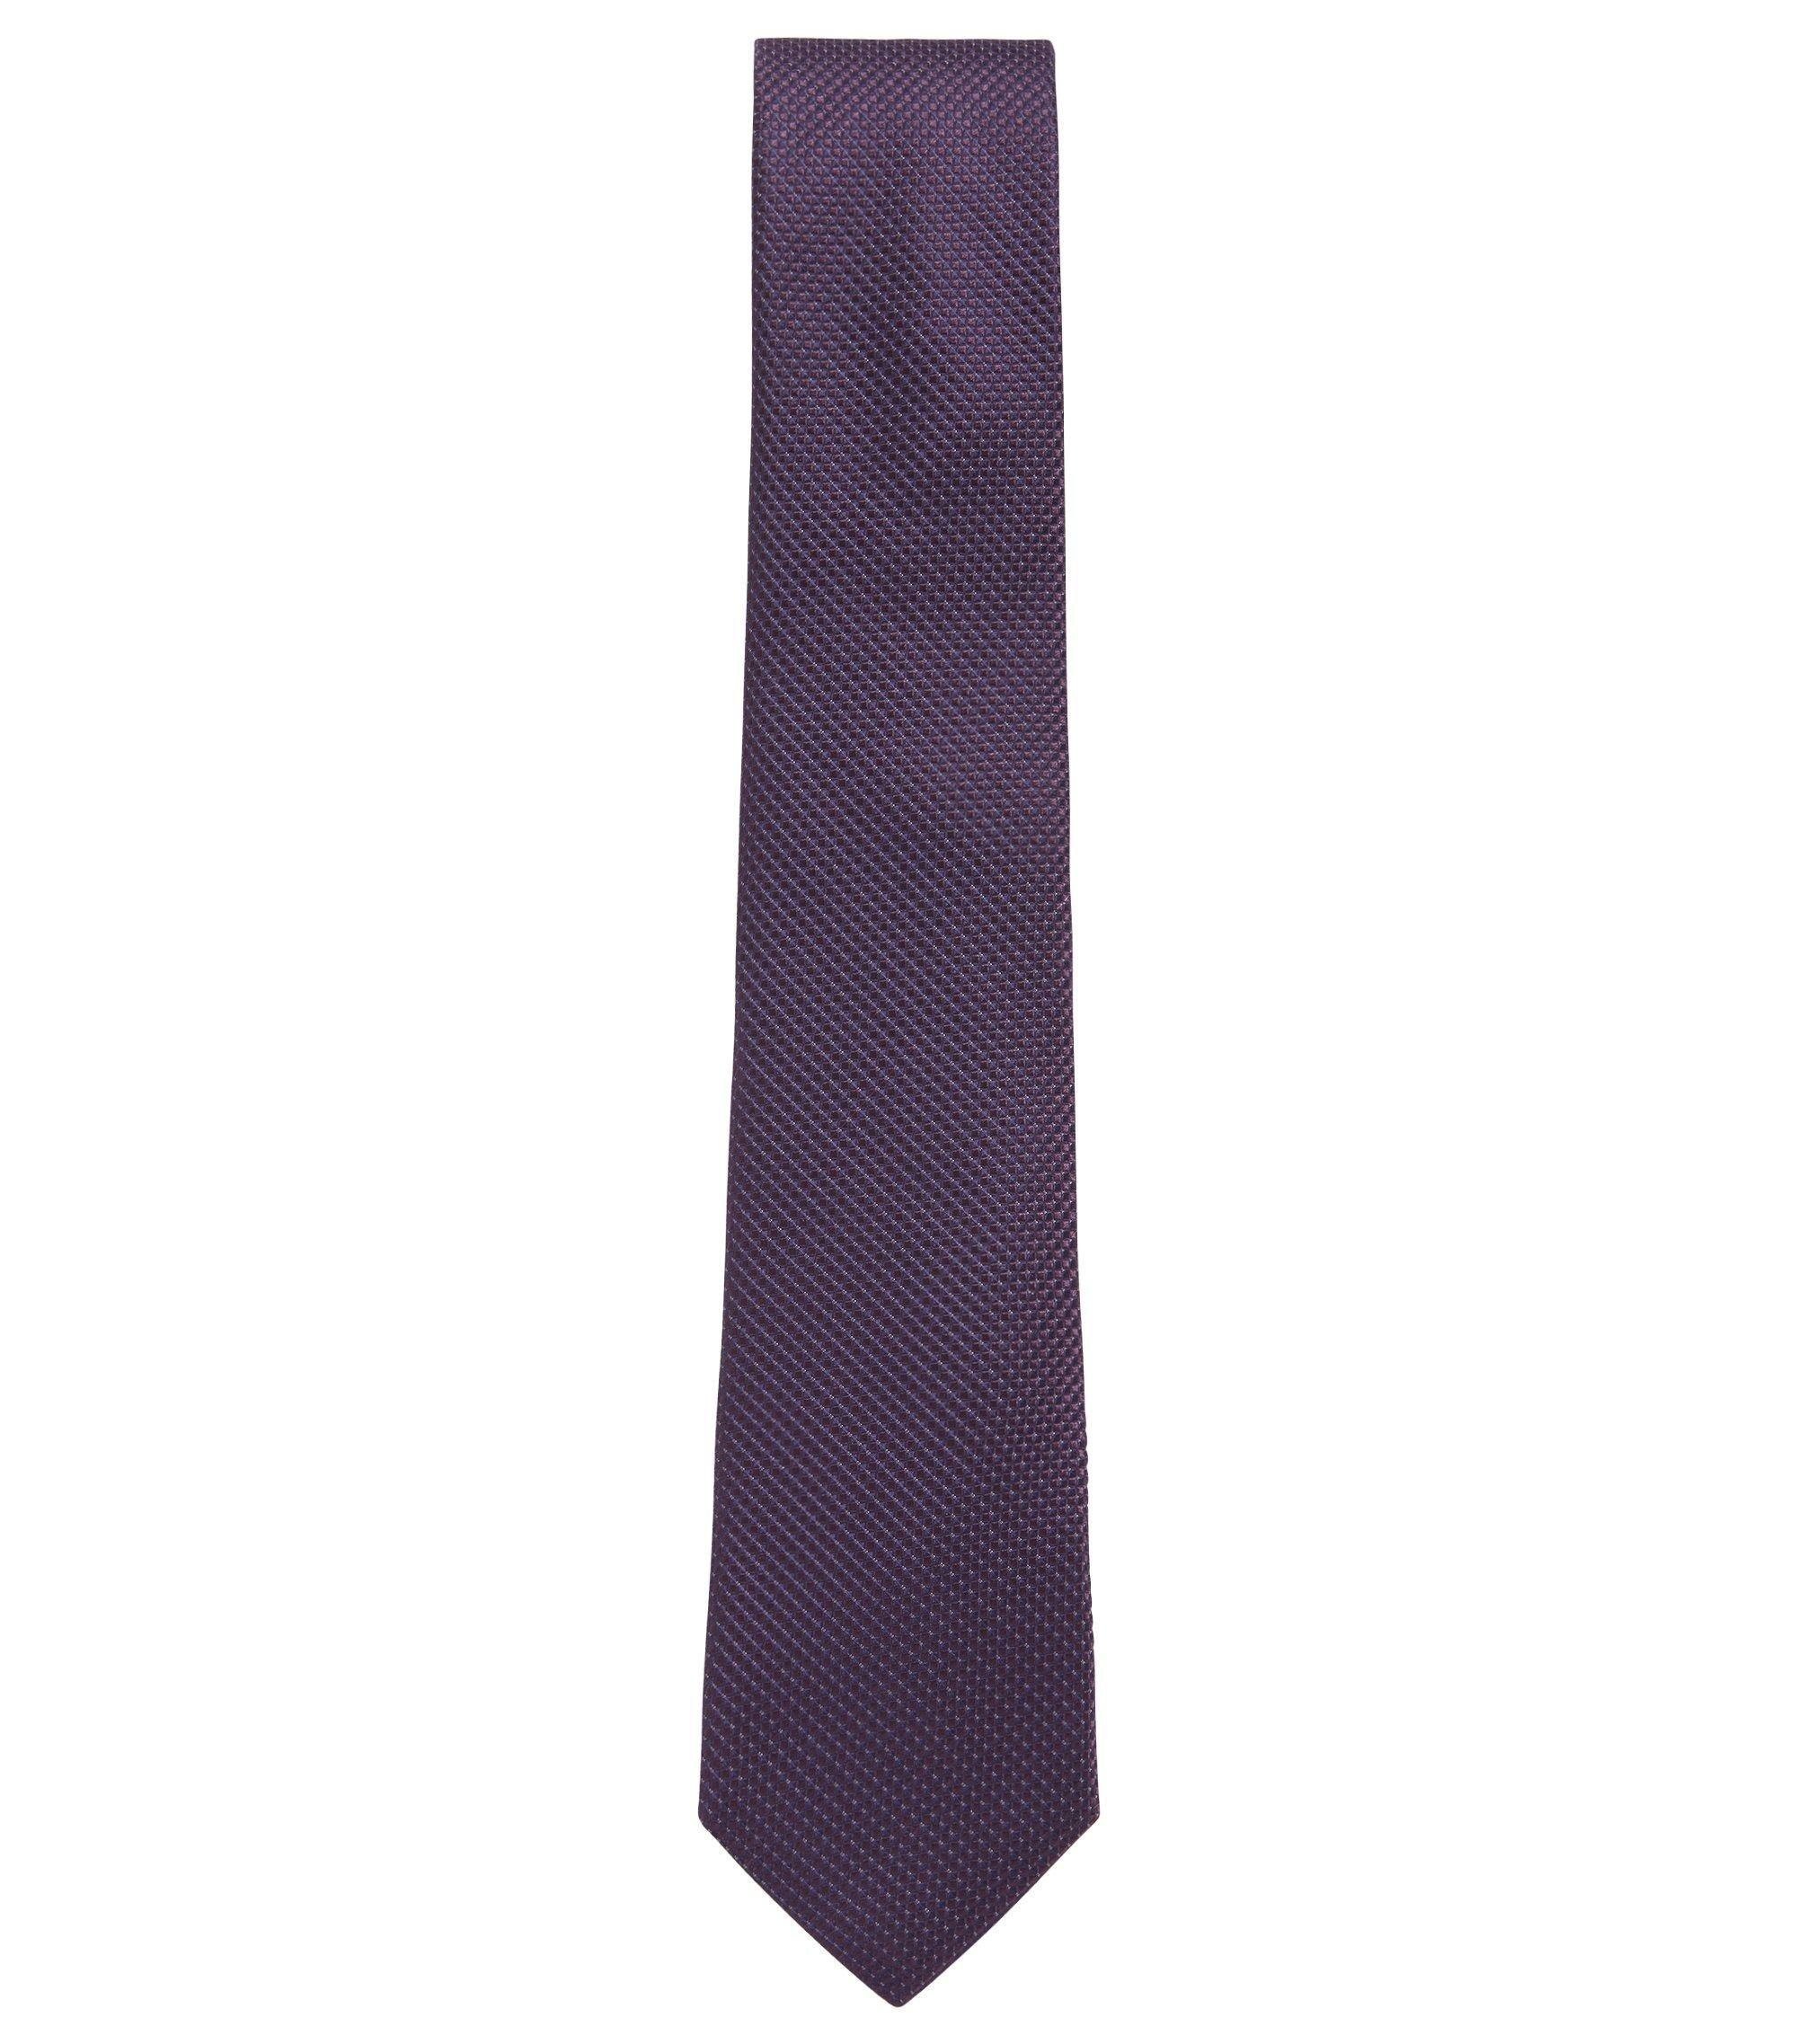 Cravate de 7,5cm de large en jacquard de soie à micromotif, Violet foncé